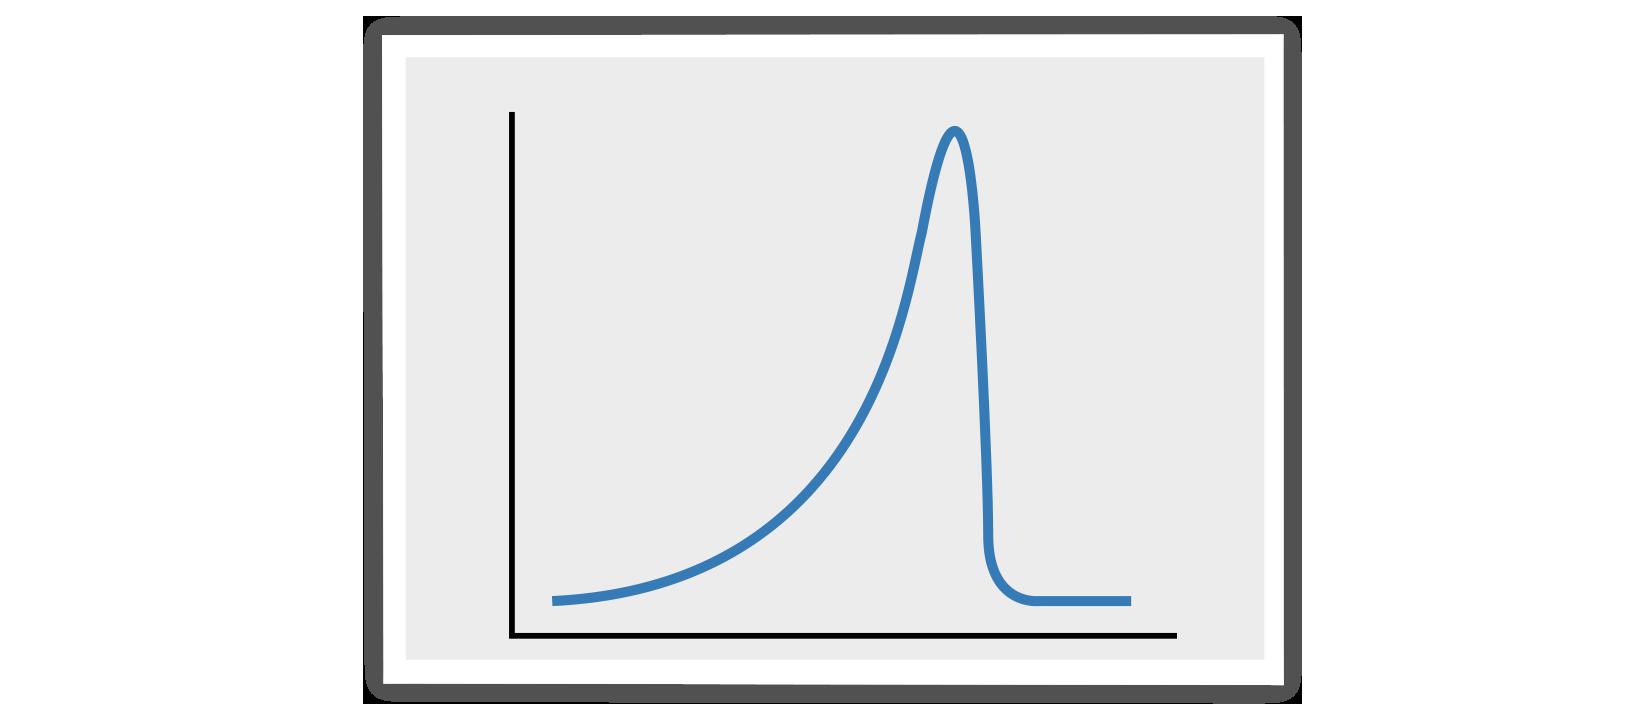 peak fronting, chromatogram, chromatography